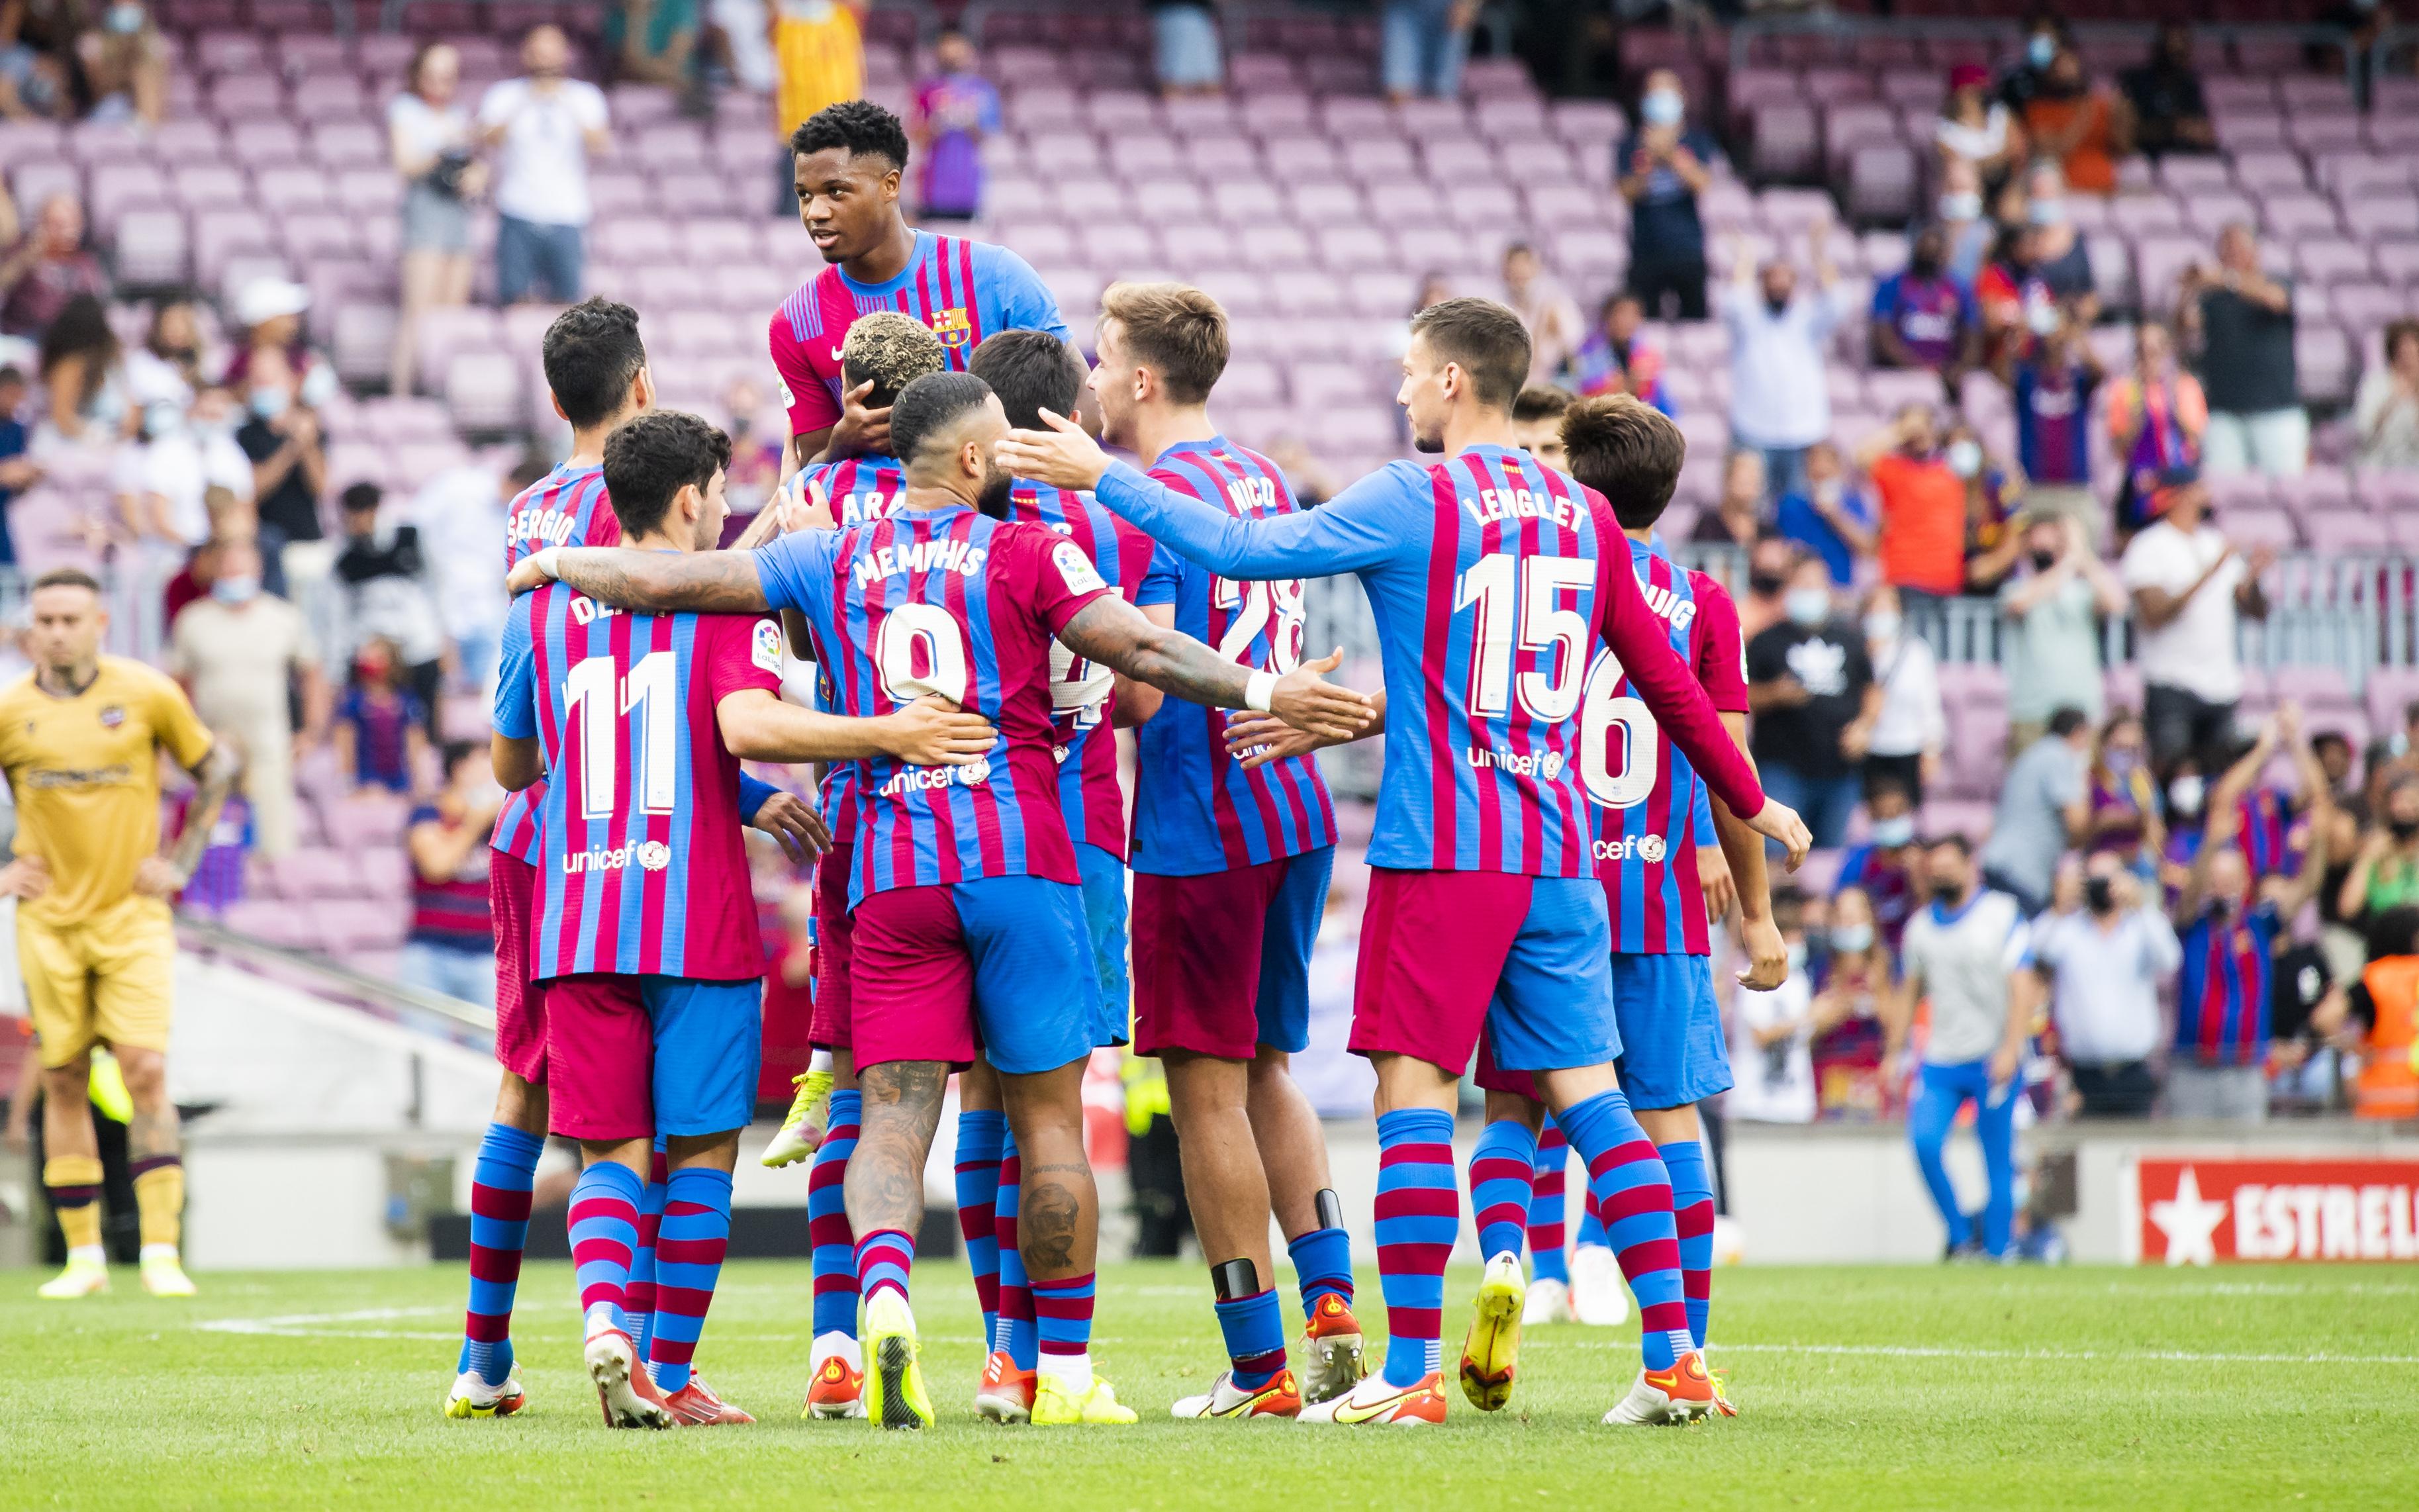 Barça 3-0 Levante: Party time at Camp Nou!